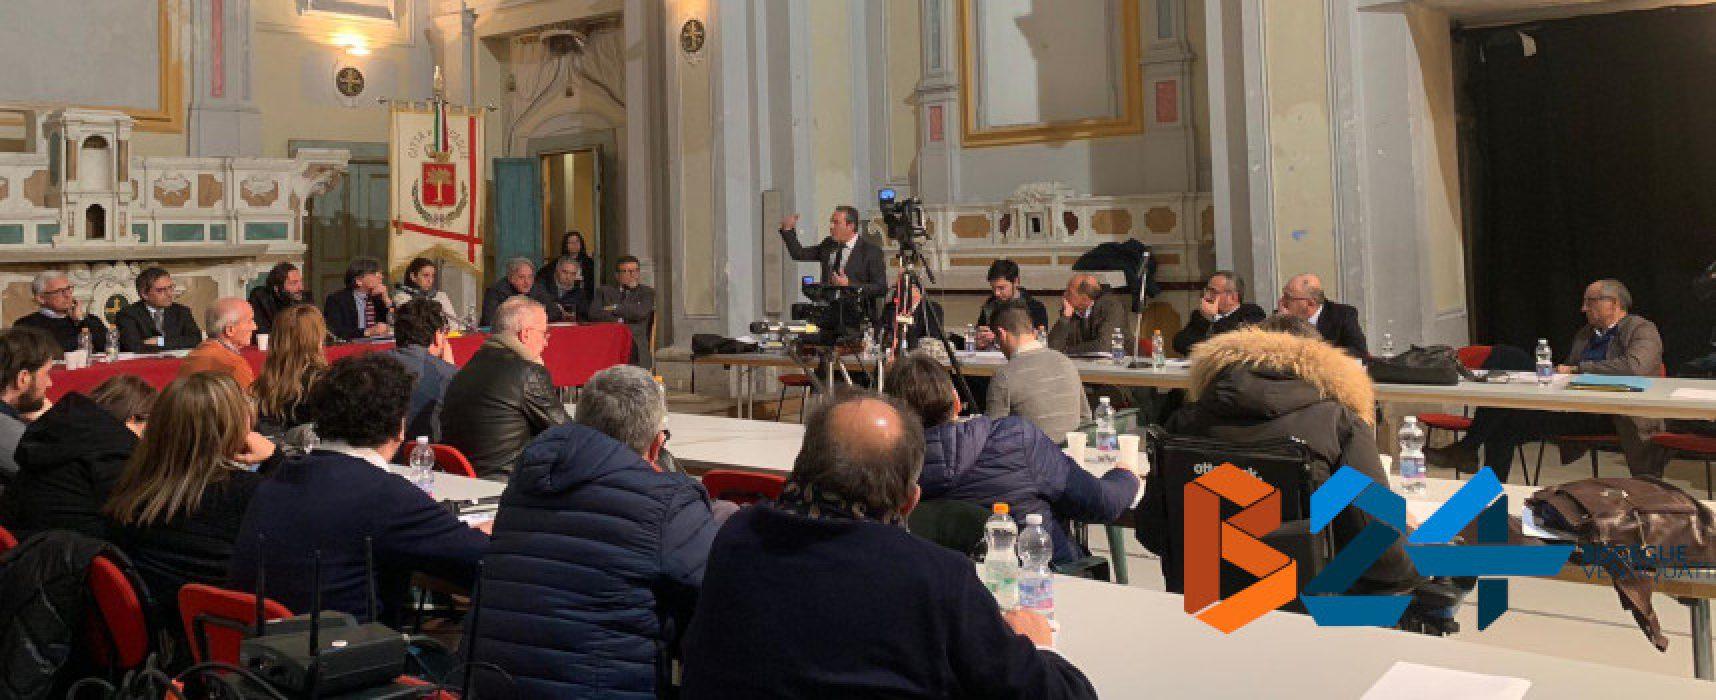 Consiglio comunale rinviato di sette giorni per irregolarità nella convocazione